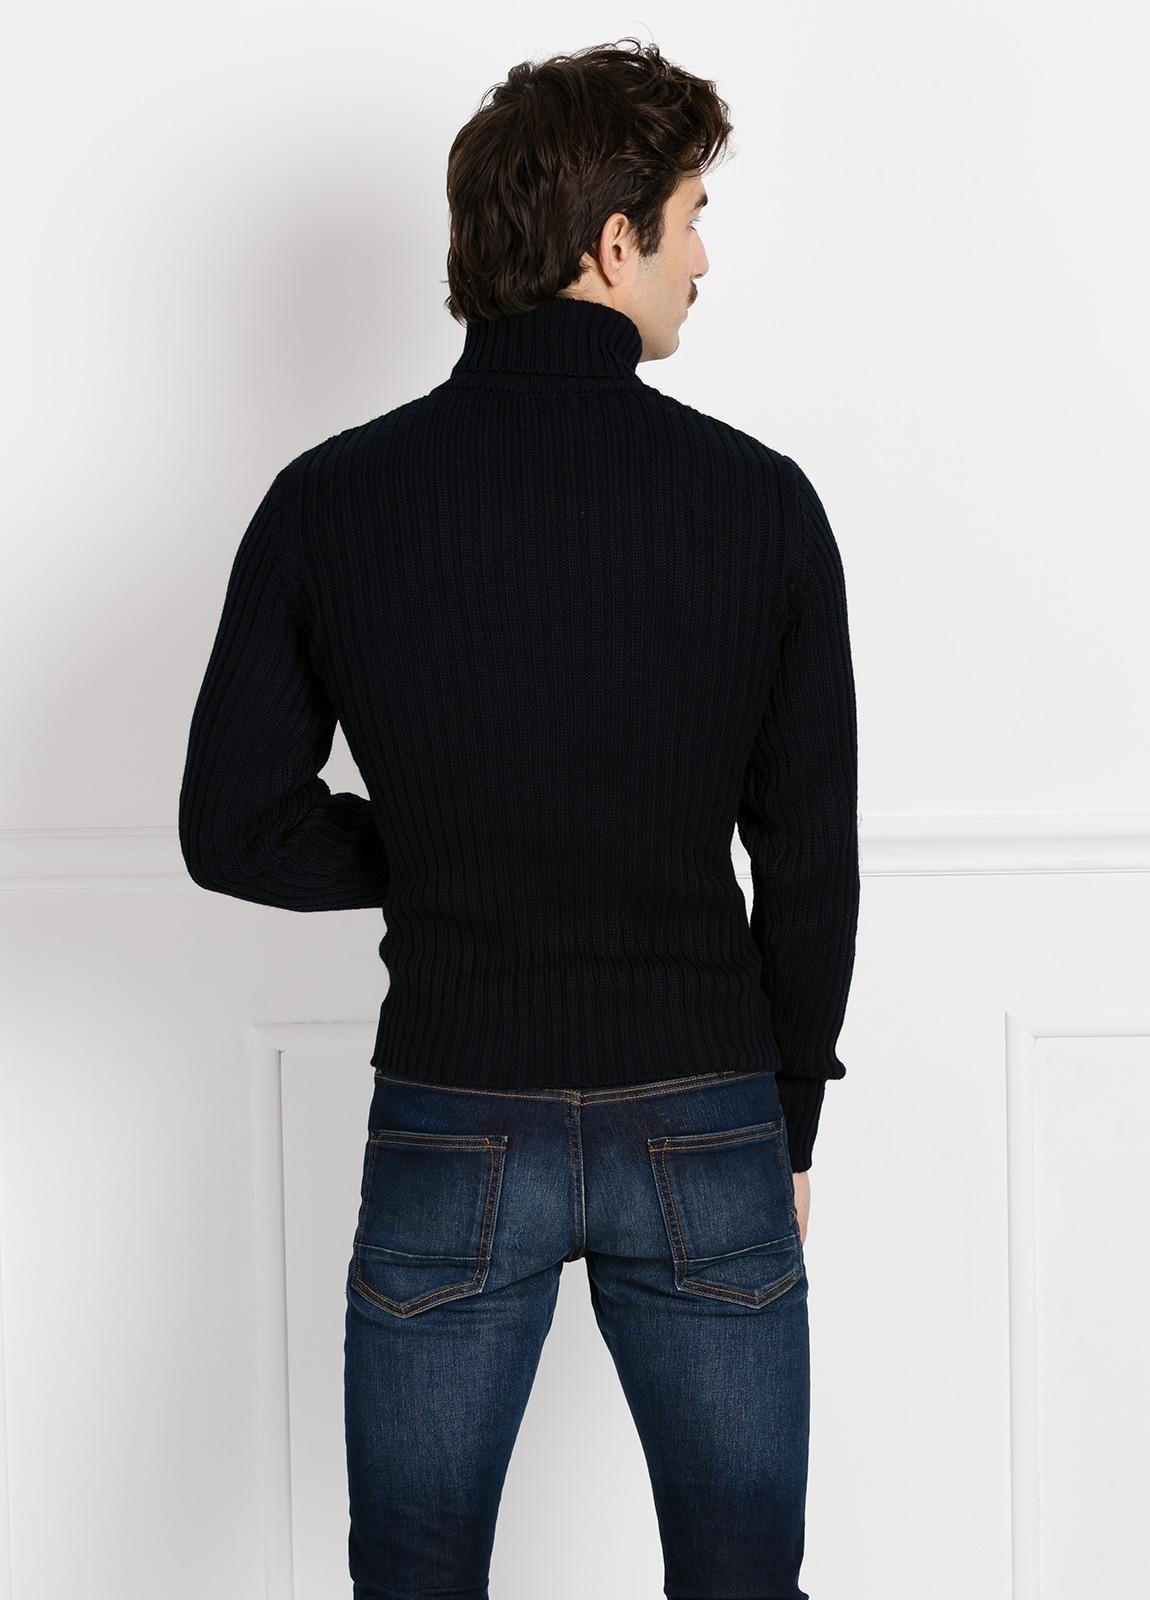 Jersey cuello cisne tejido trenzado y canalé color azul marino. - Ítem2